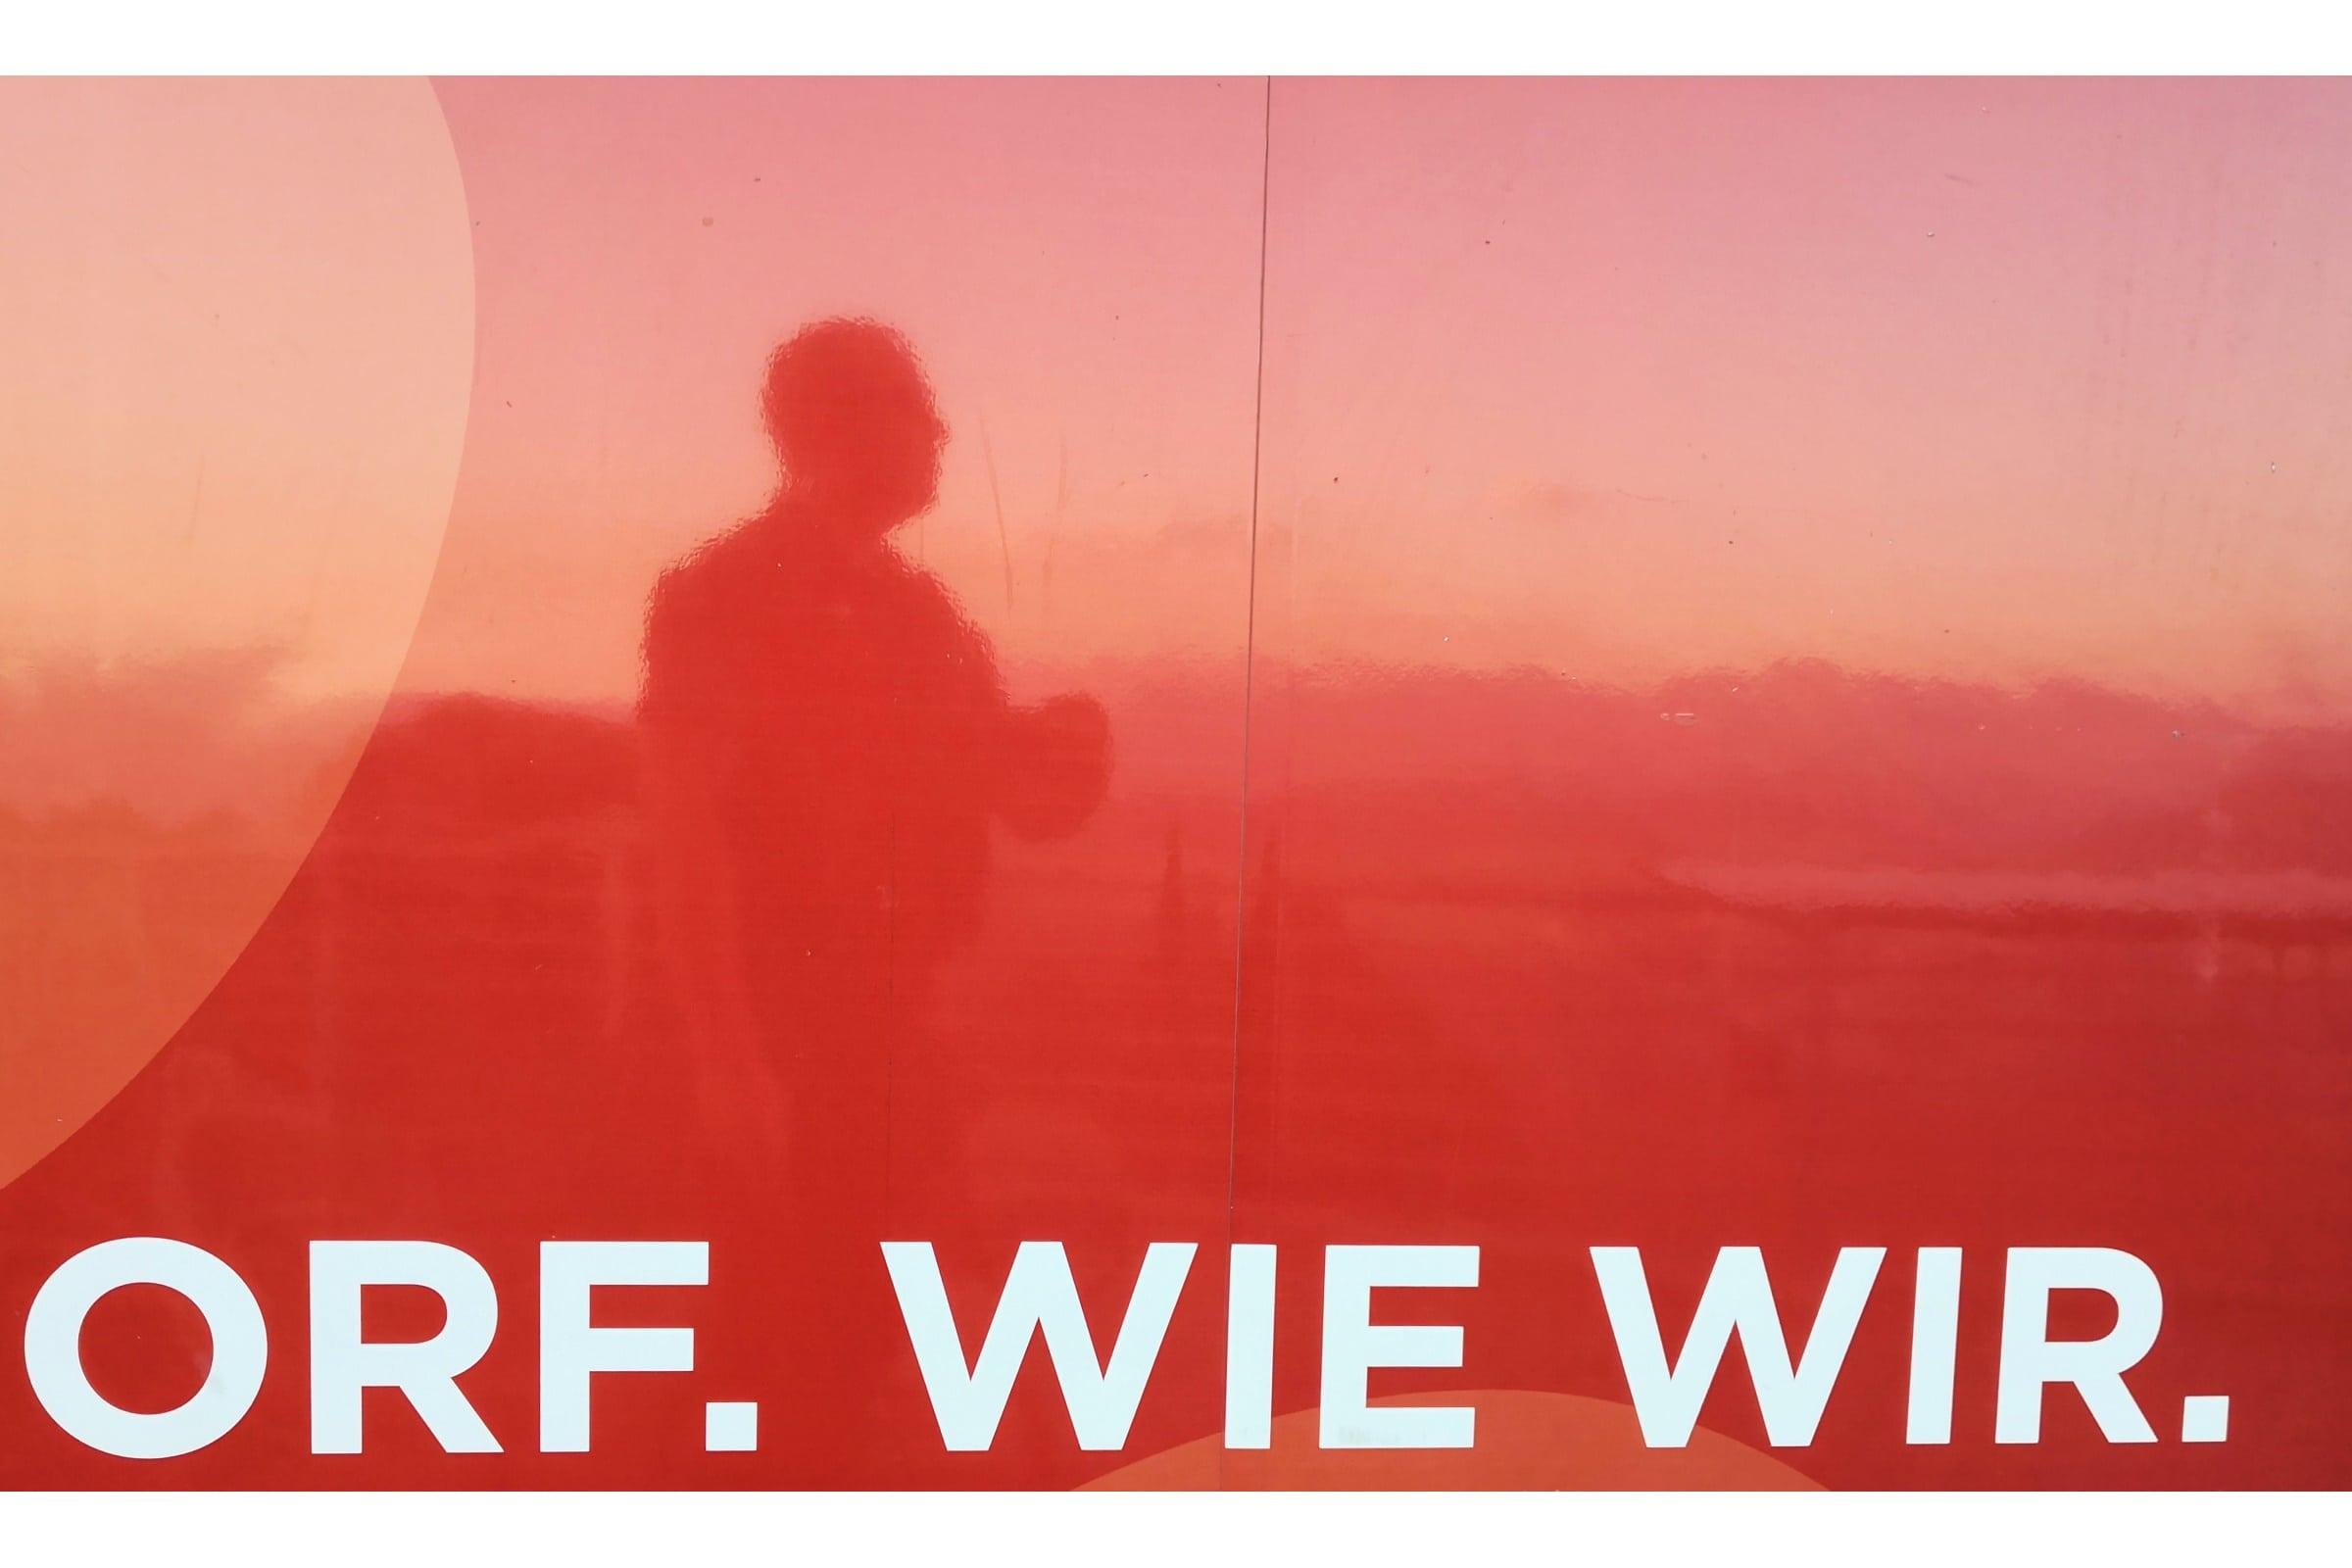 andreas felder kameramann unterwegs in österreich tirol 22 24.07.2018 20 31 10 - ORF Daheim in Österreich